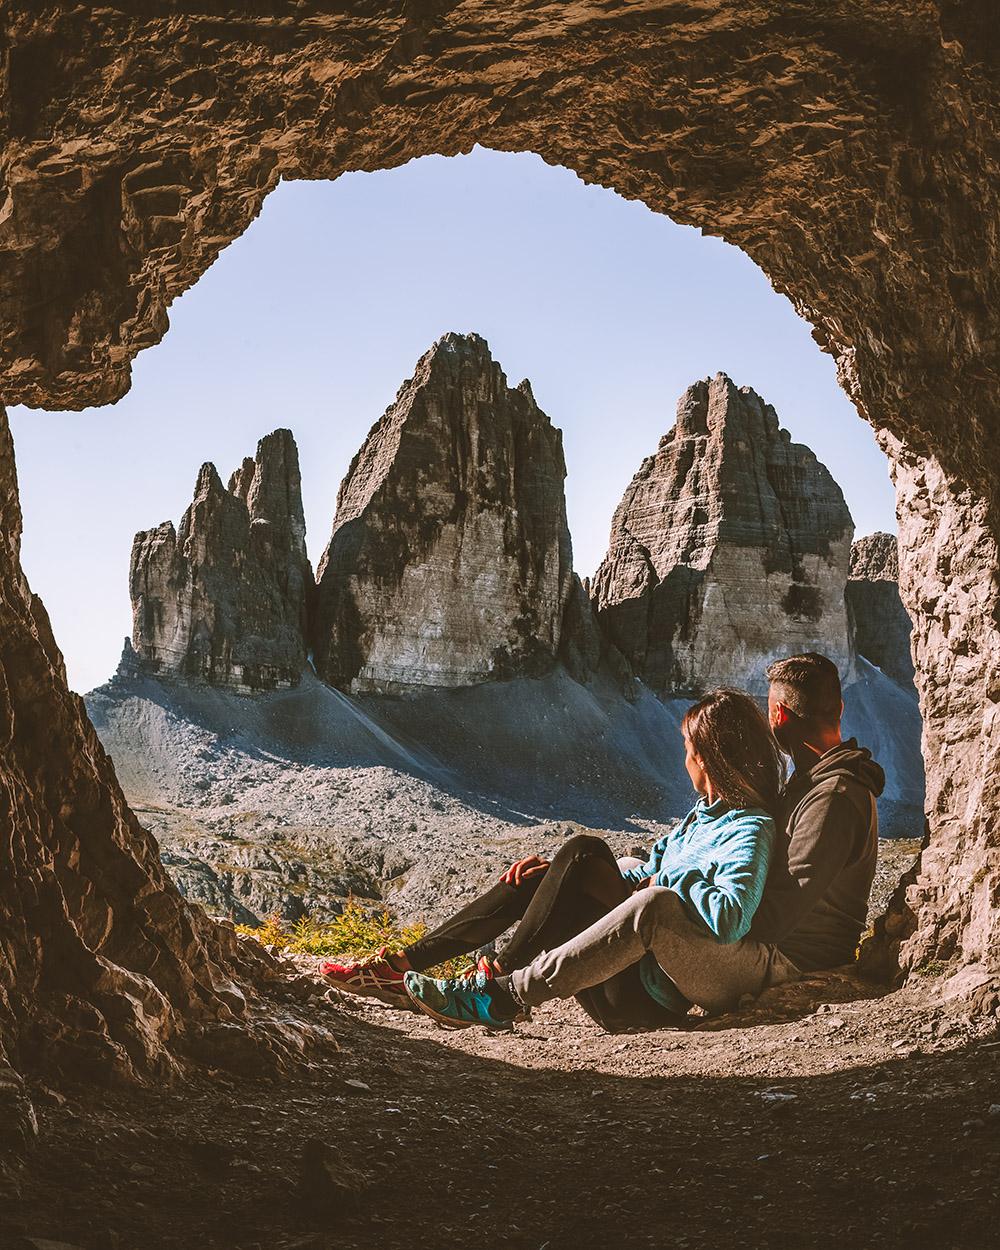 Un imprescindible en Dolomitas es visitar estas maravillosas cuevas militares con vistas a las montañas